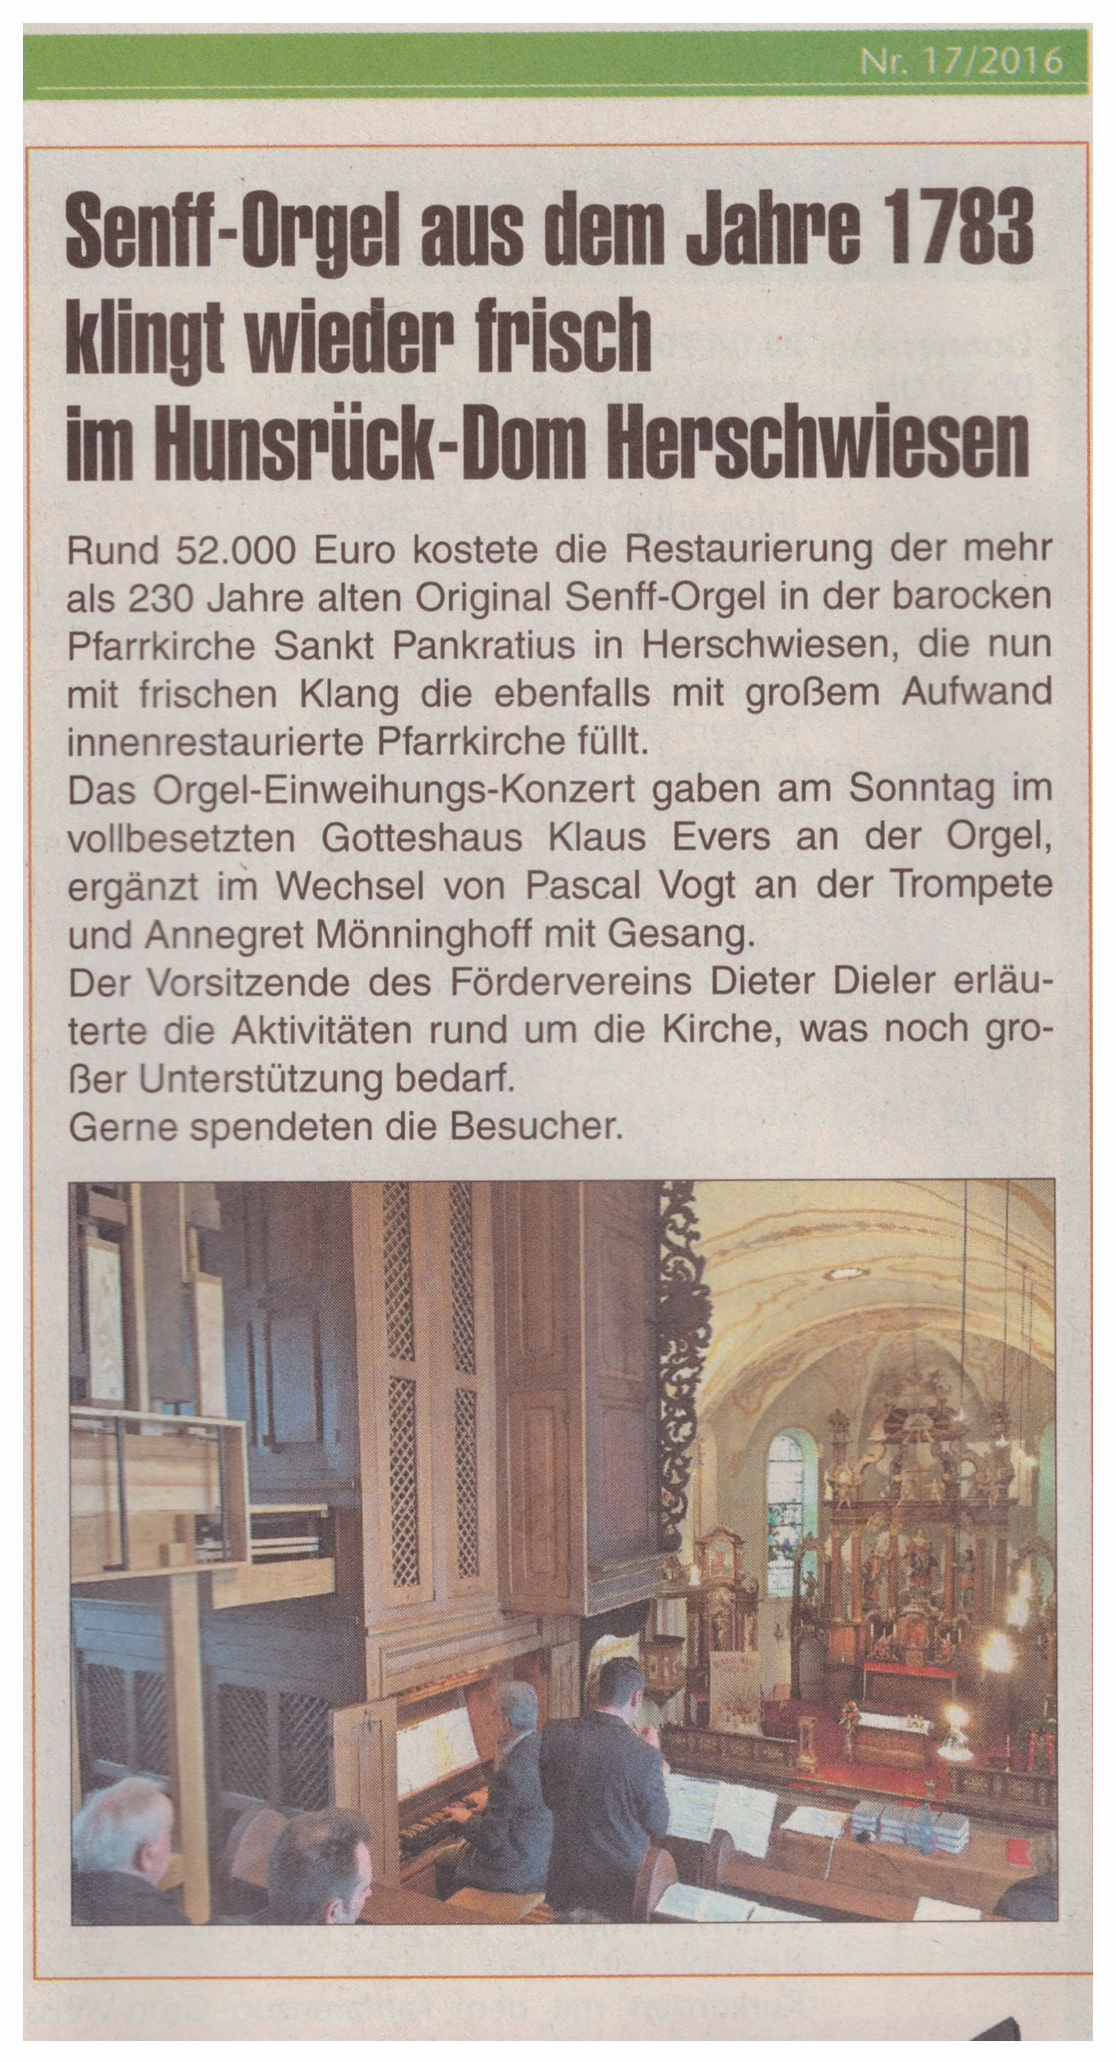 Orgel-Einweihung_Boppard_im_Blick